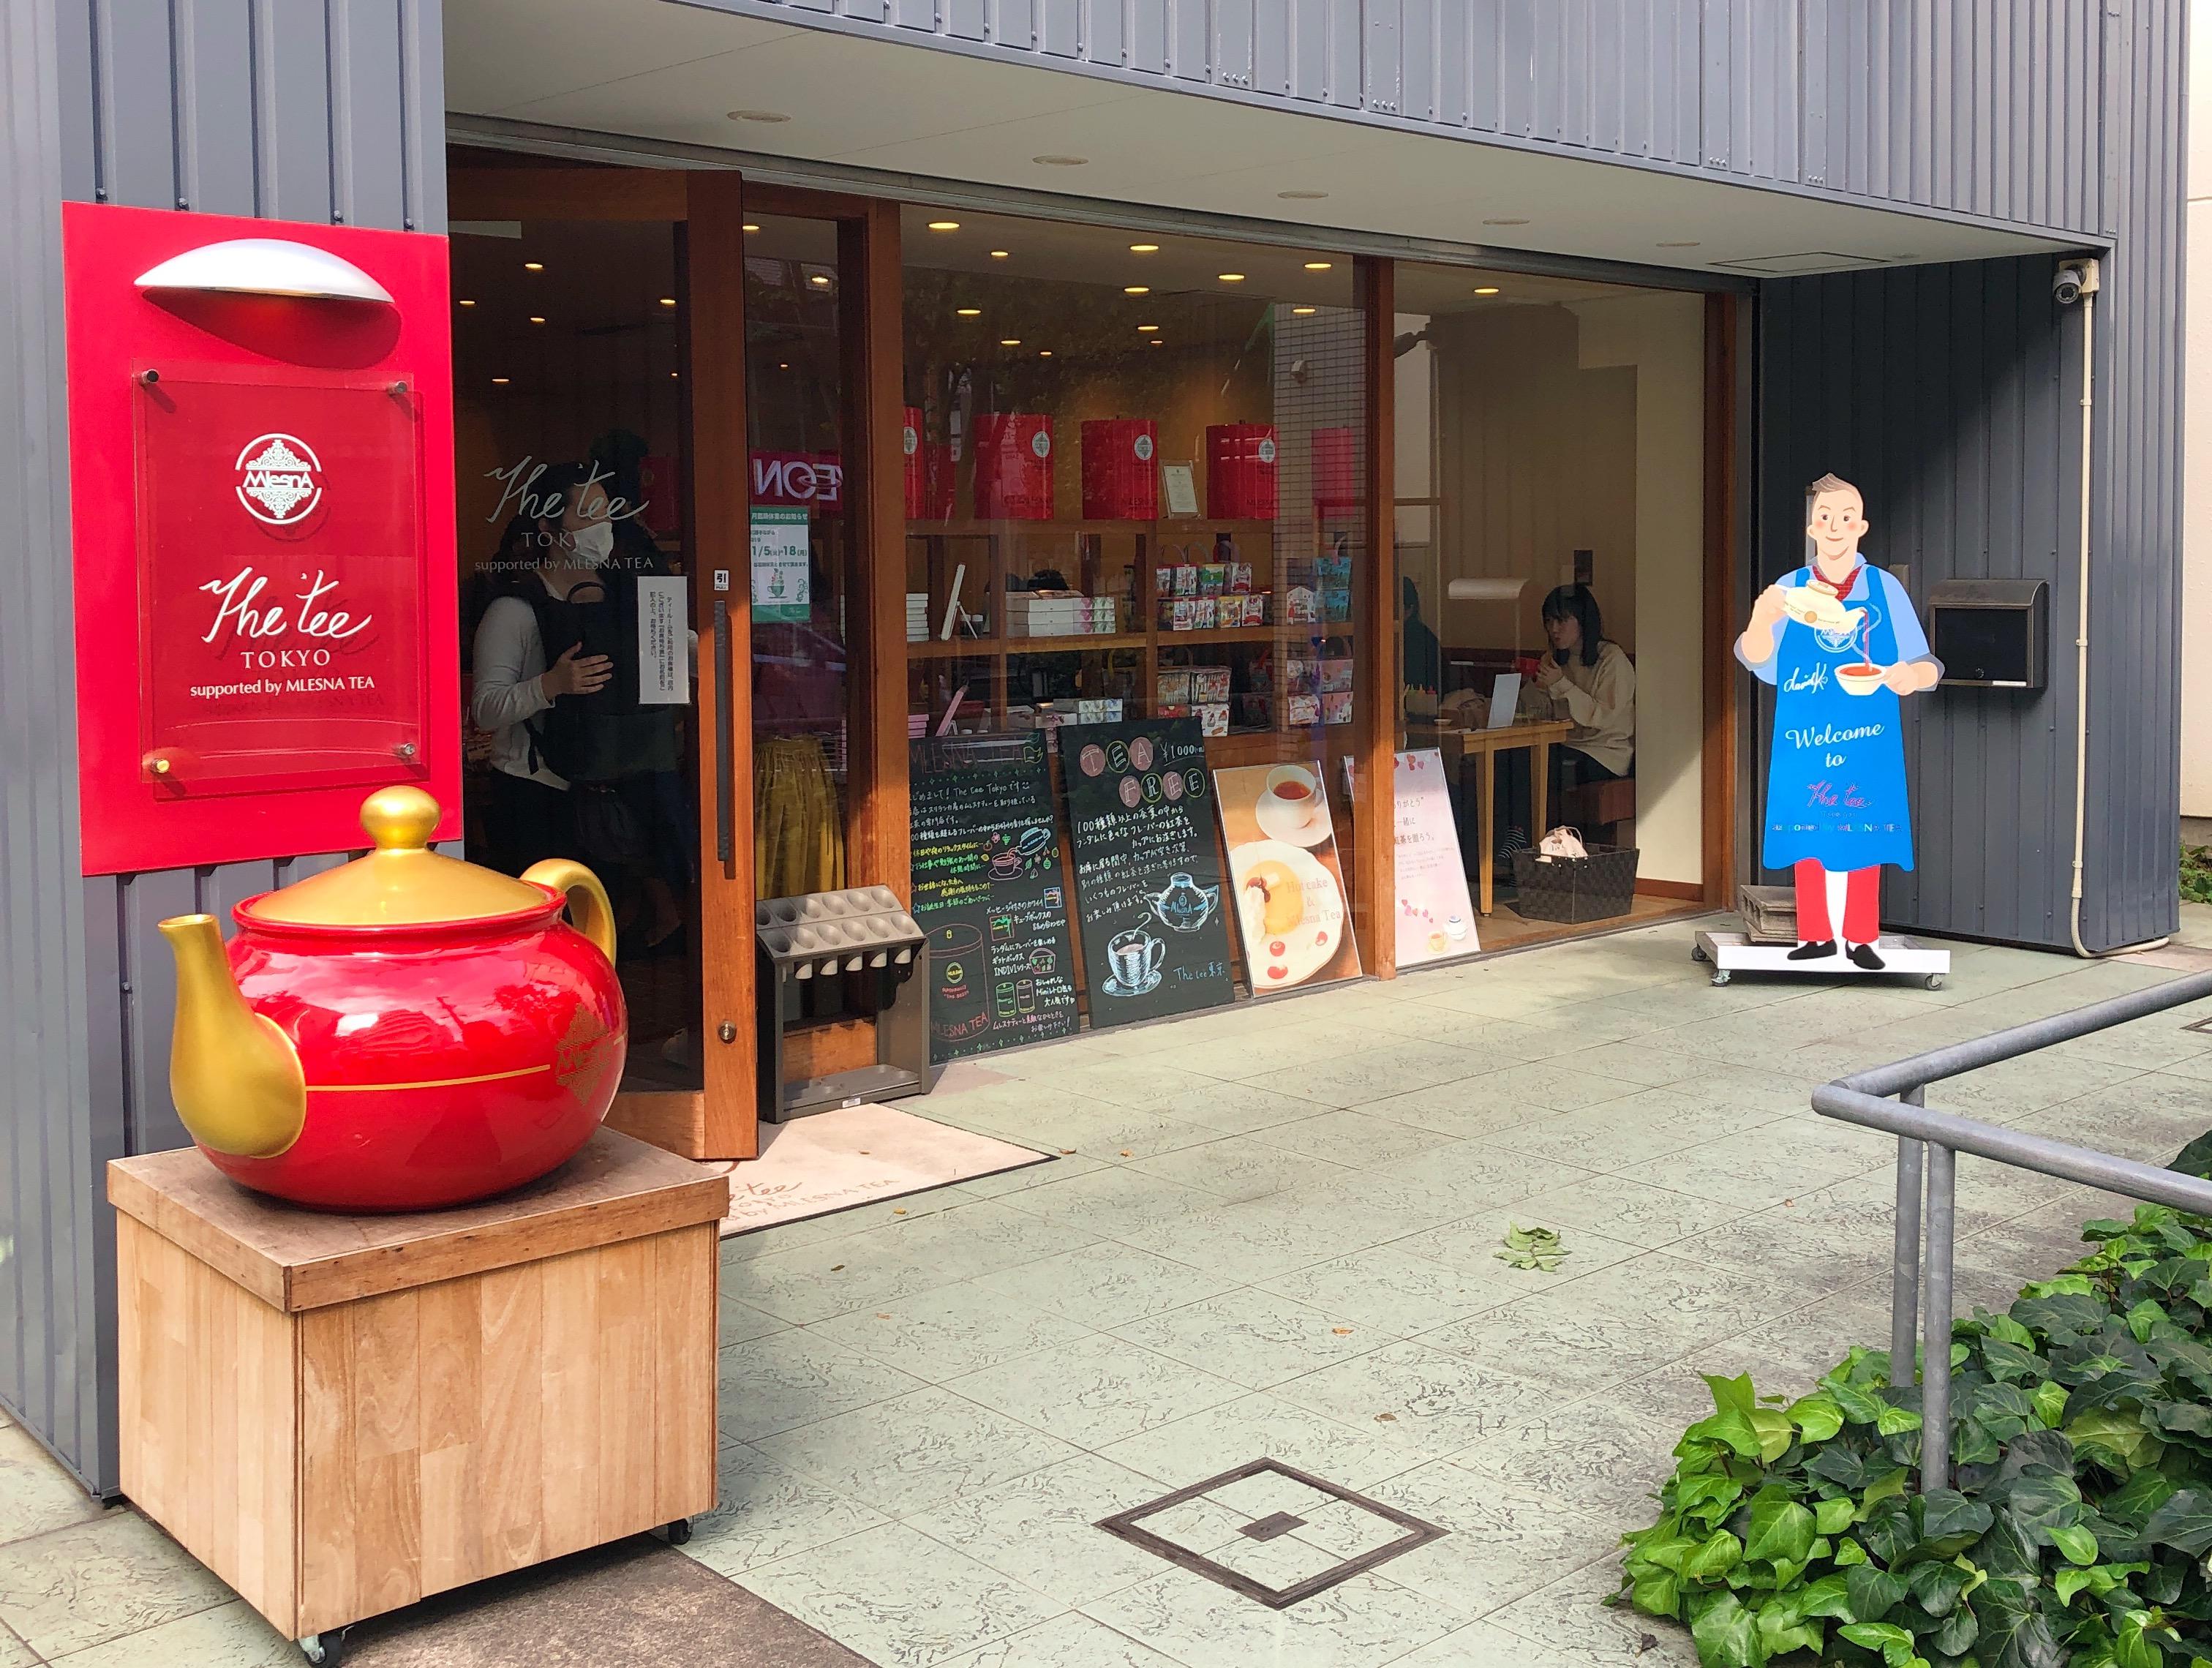 1100円で美味しい紅茶が飲み放題?!「The tee Tokyo 」に行ってきた!!_3